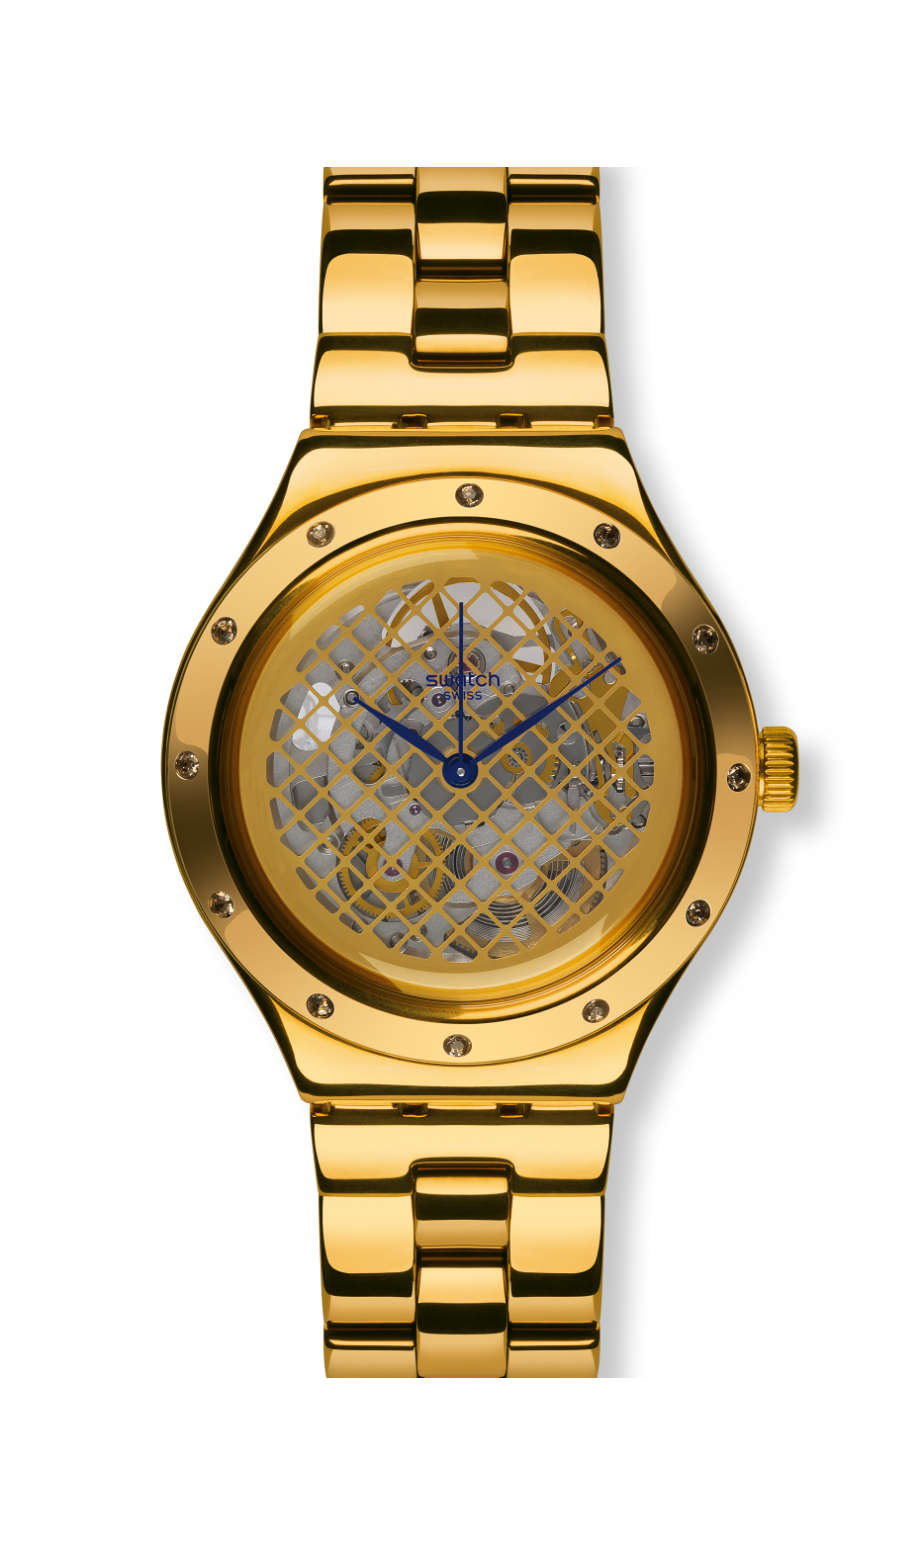 Swatch - BOLEYN - 1